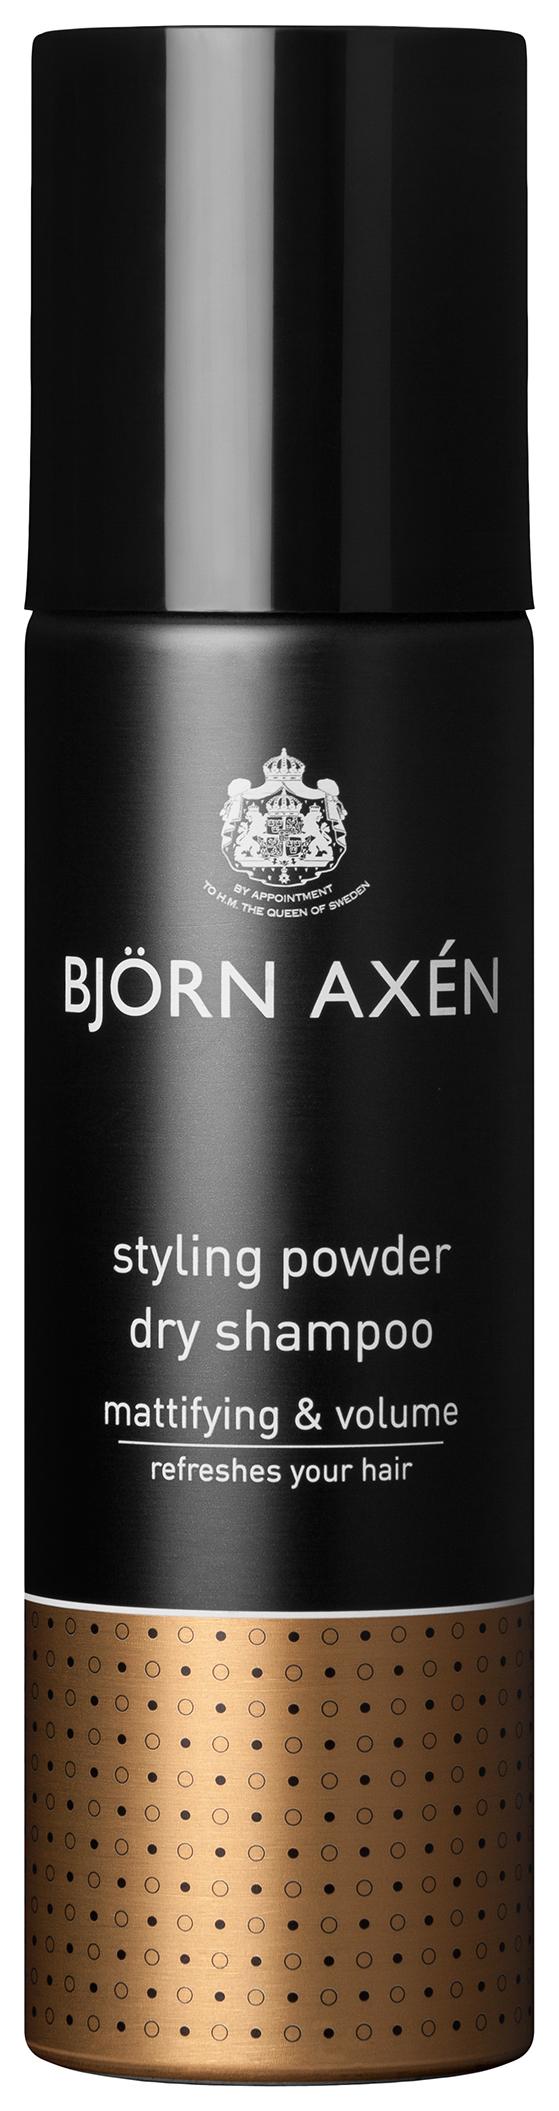 FET_Plejeprodukter_Bjorn_Axen_Styling_Powder_Dry_Shampoo_200ml_DKK140